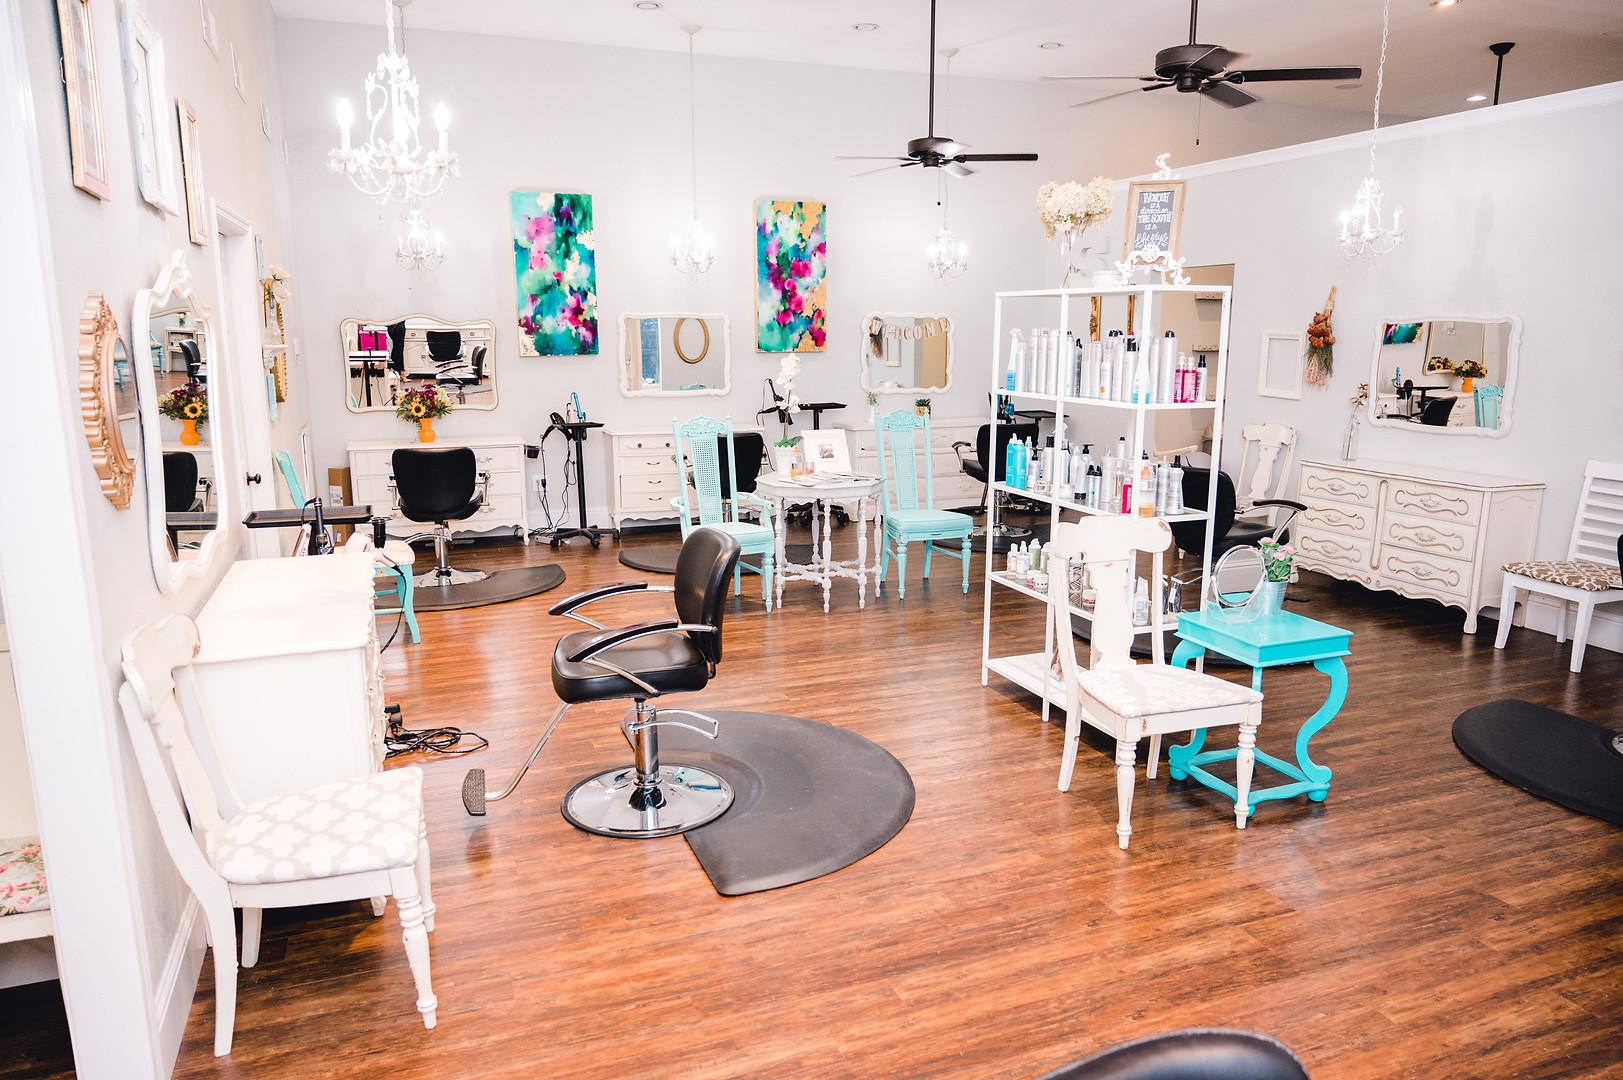 beauty store near me